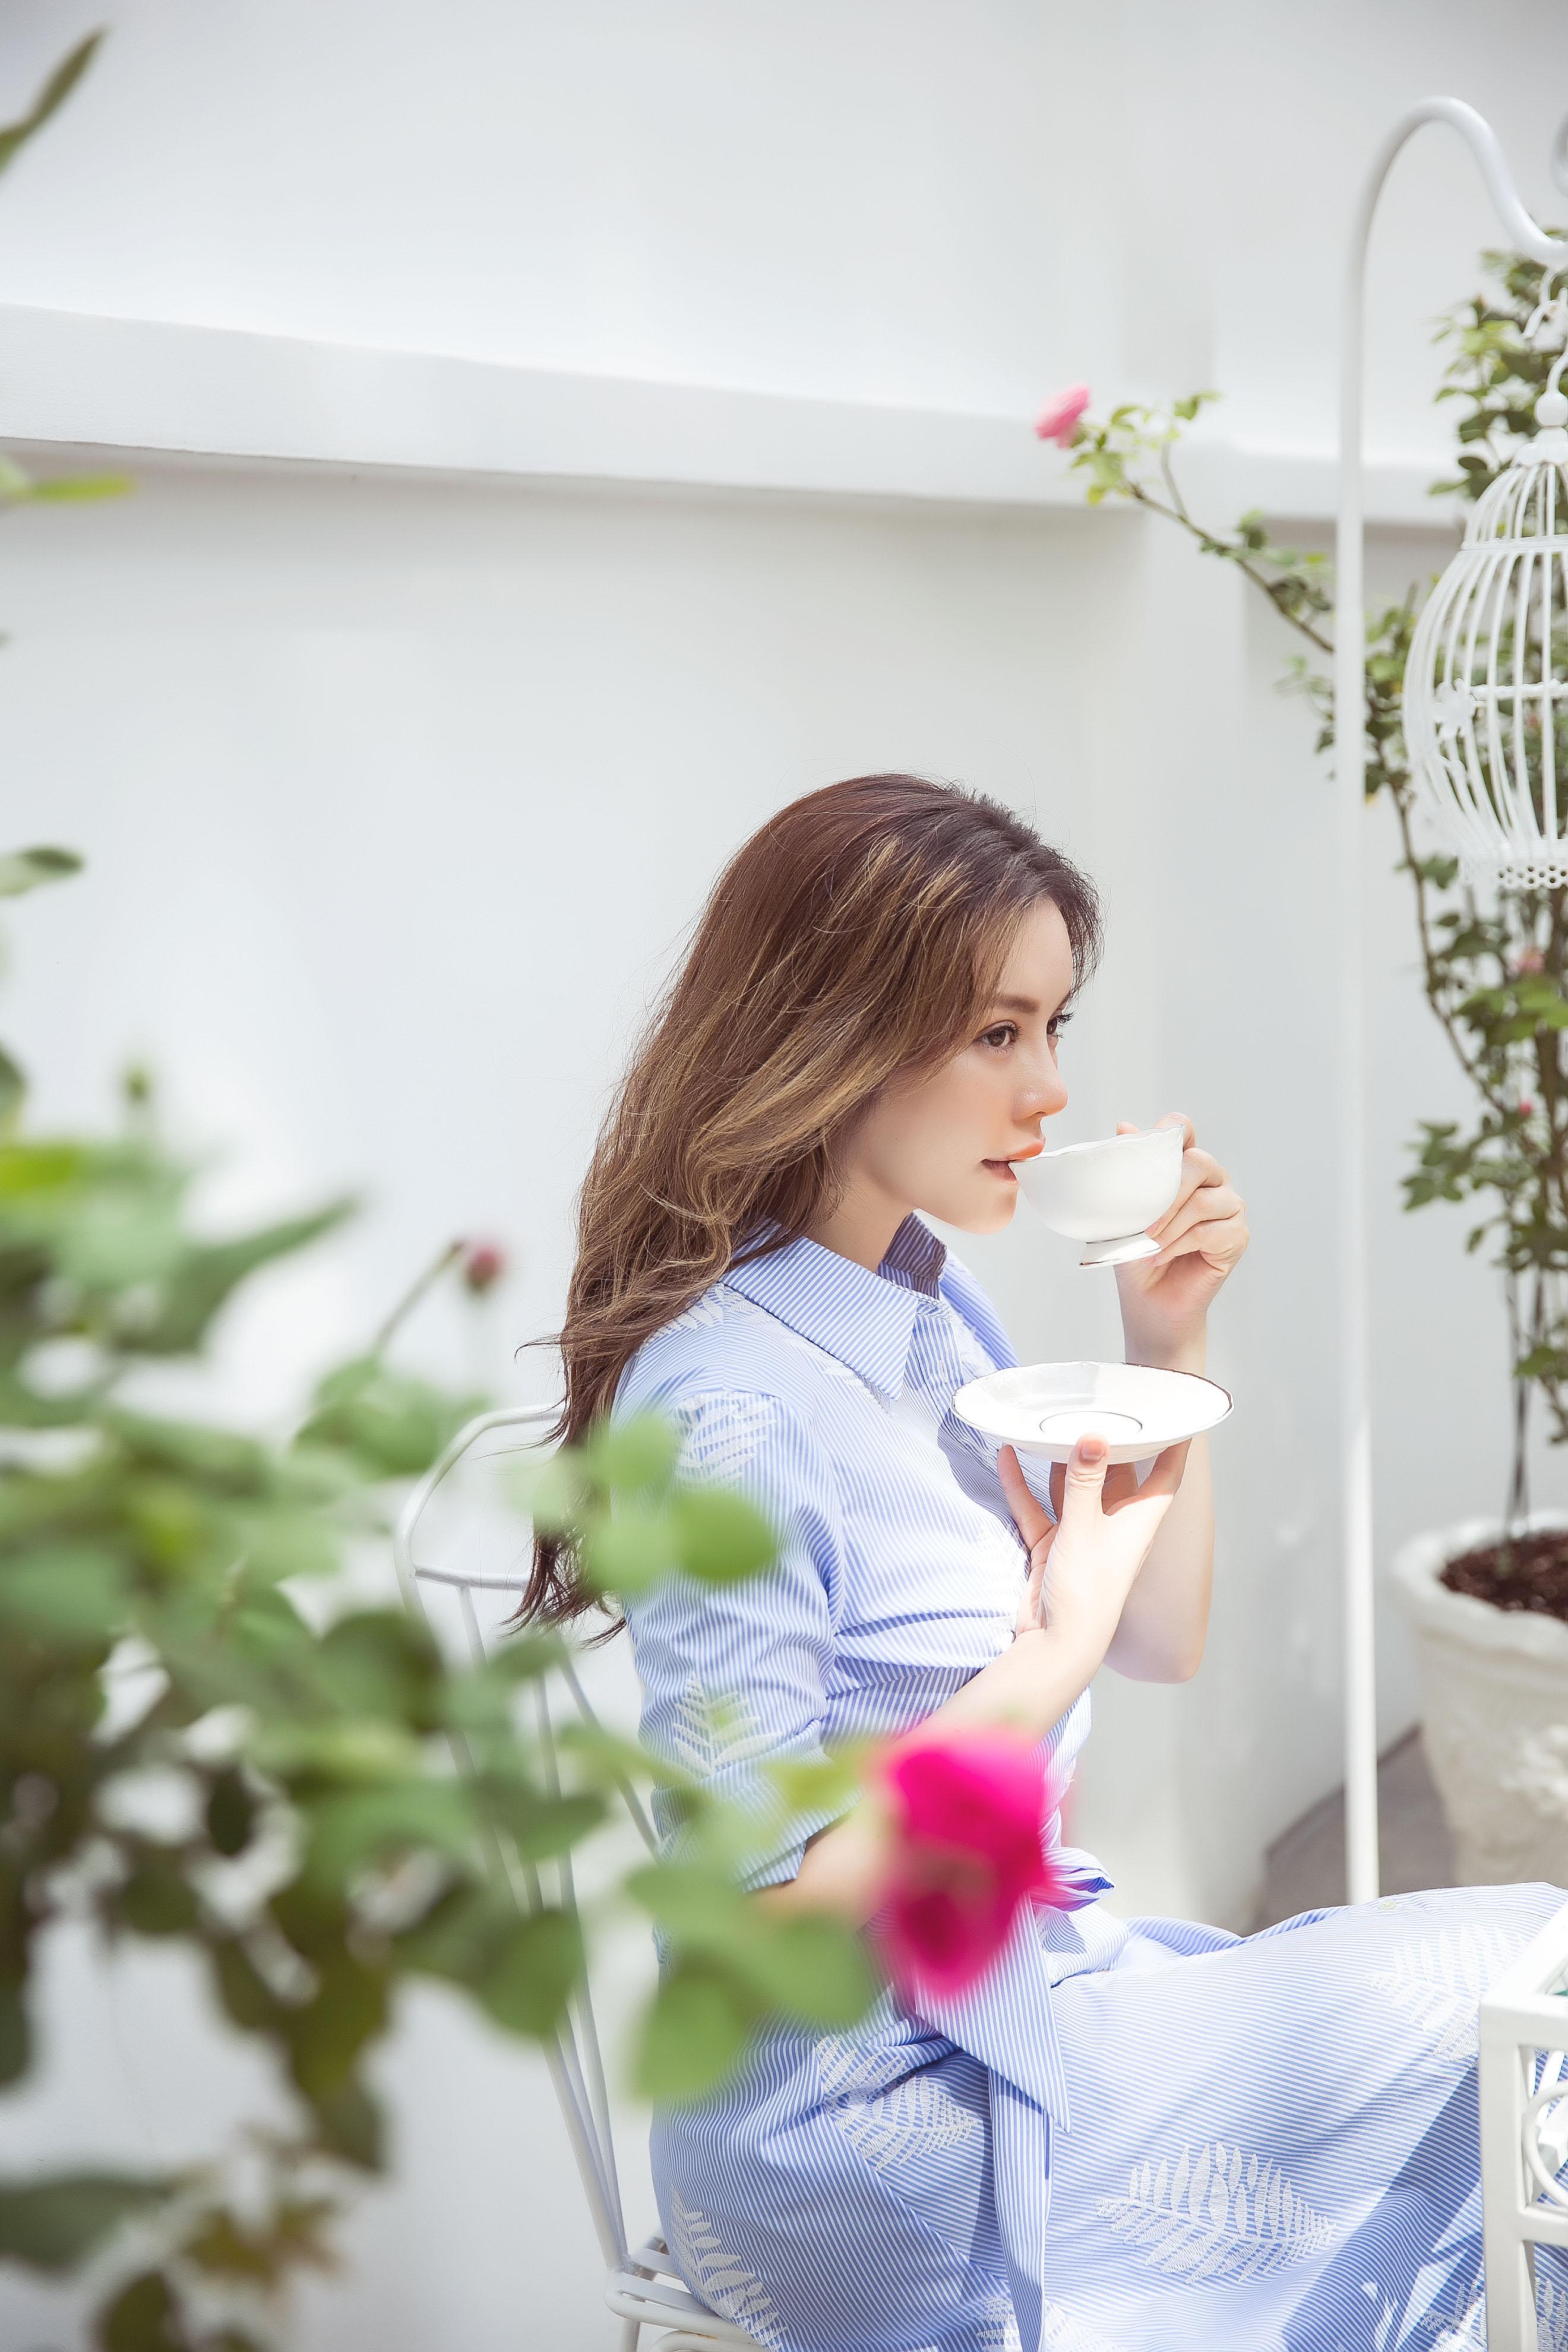 Hình ảnh Lãnh sự danh dự Lý Nhã Kỳ lãng mạn giữa vườn hồng số 2